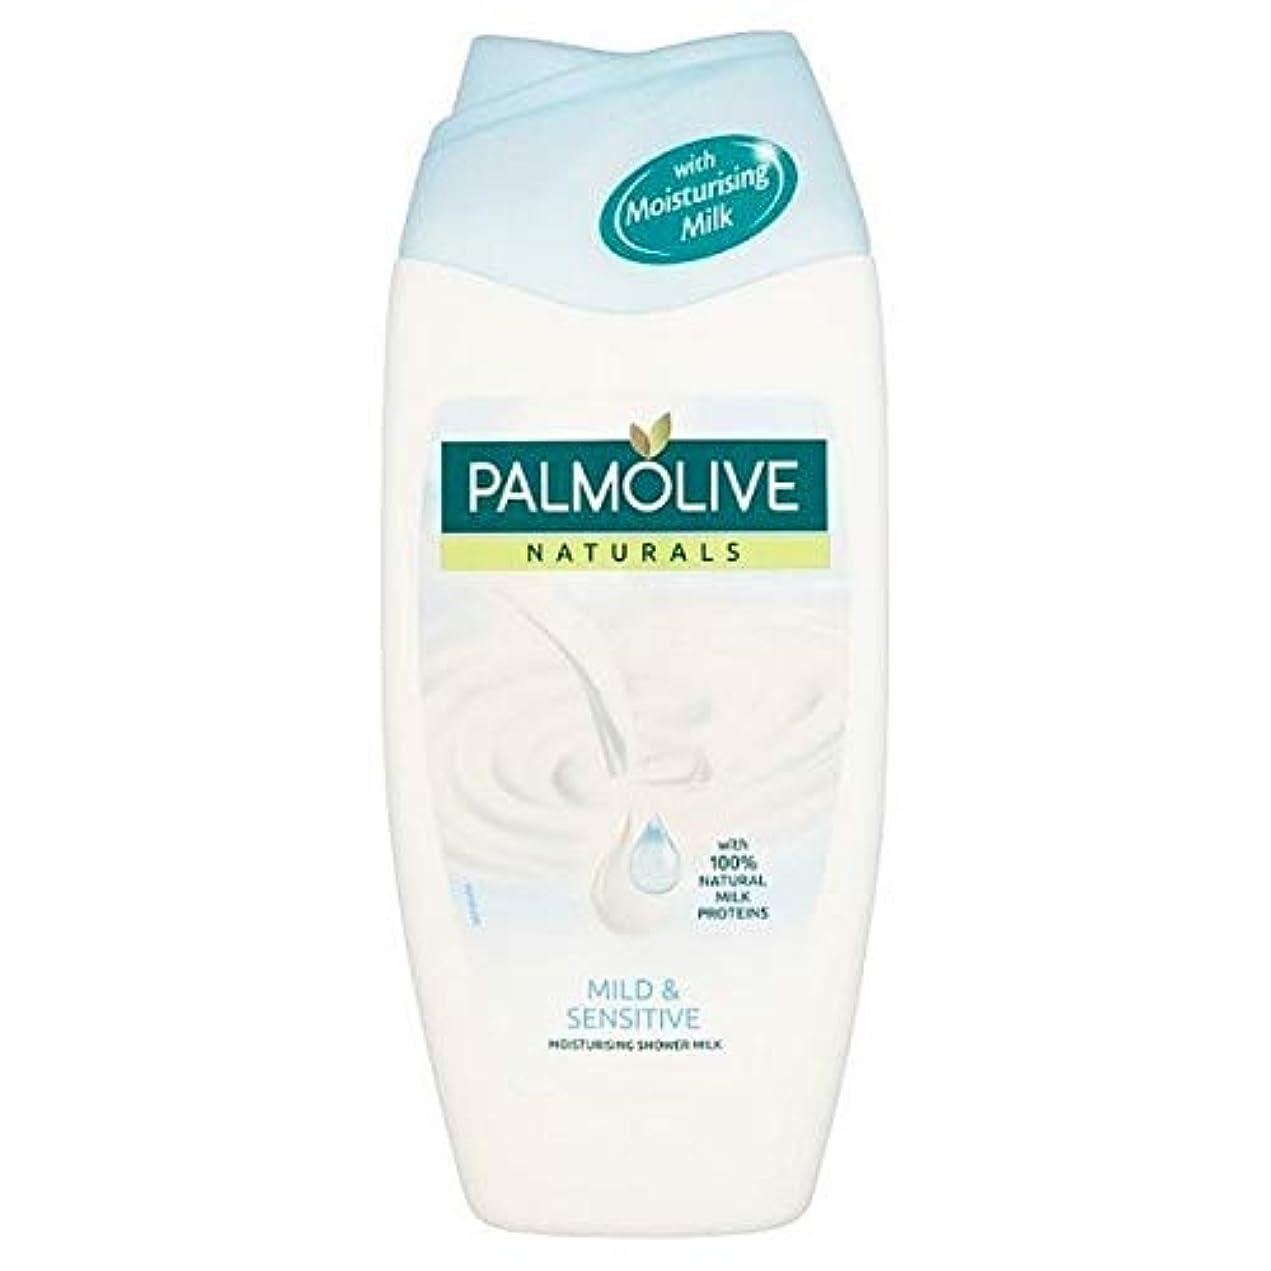 刈る眼破壊する[Palmolive ] パルモライブナチュラル敏感肌シャワージェルクリーム250ミリリットル - Palmolive Naturals Sensitive Skin Shower Gel Cream 250ml [並行輸入品]